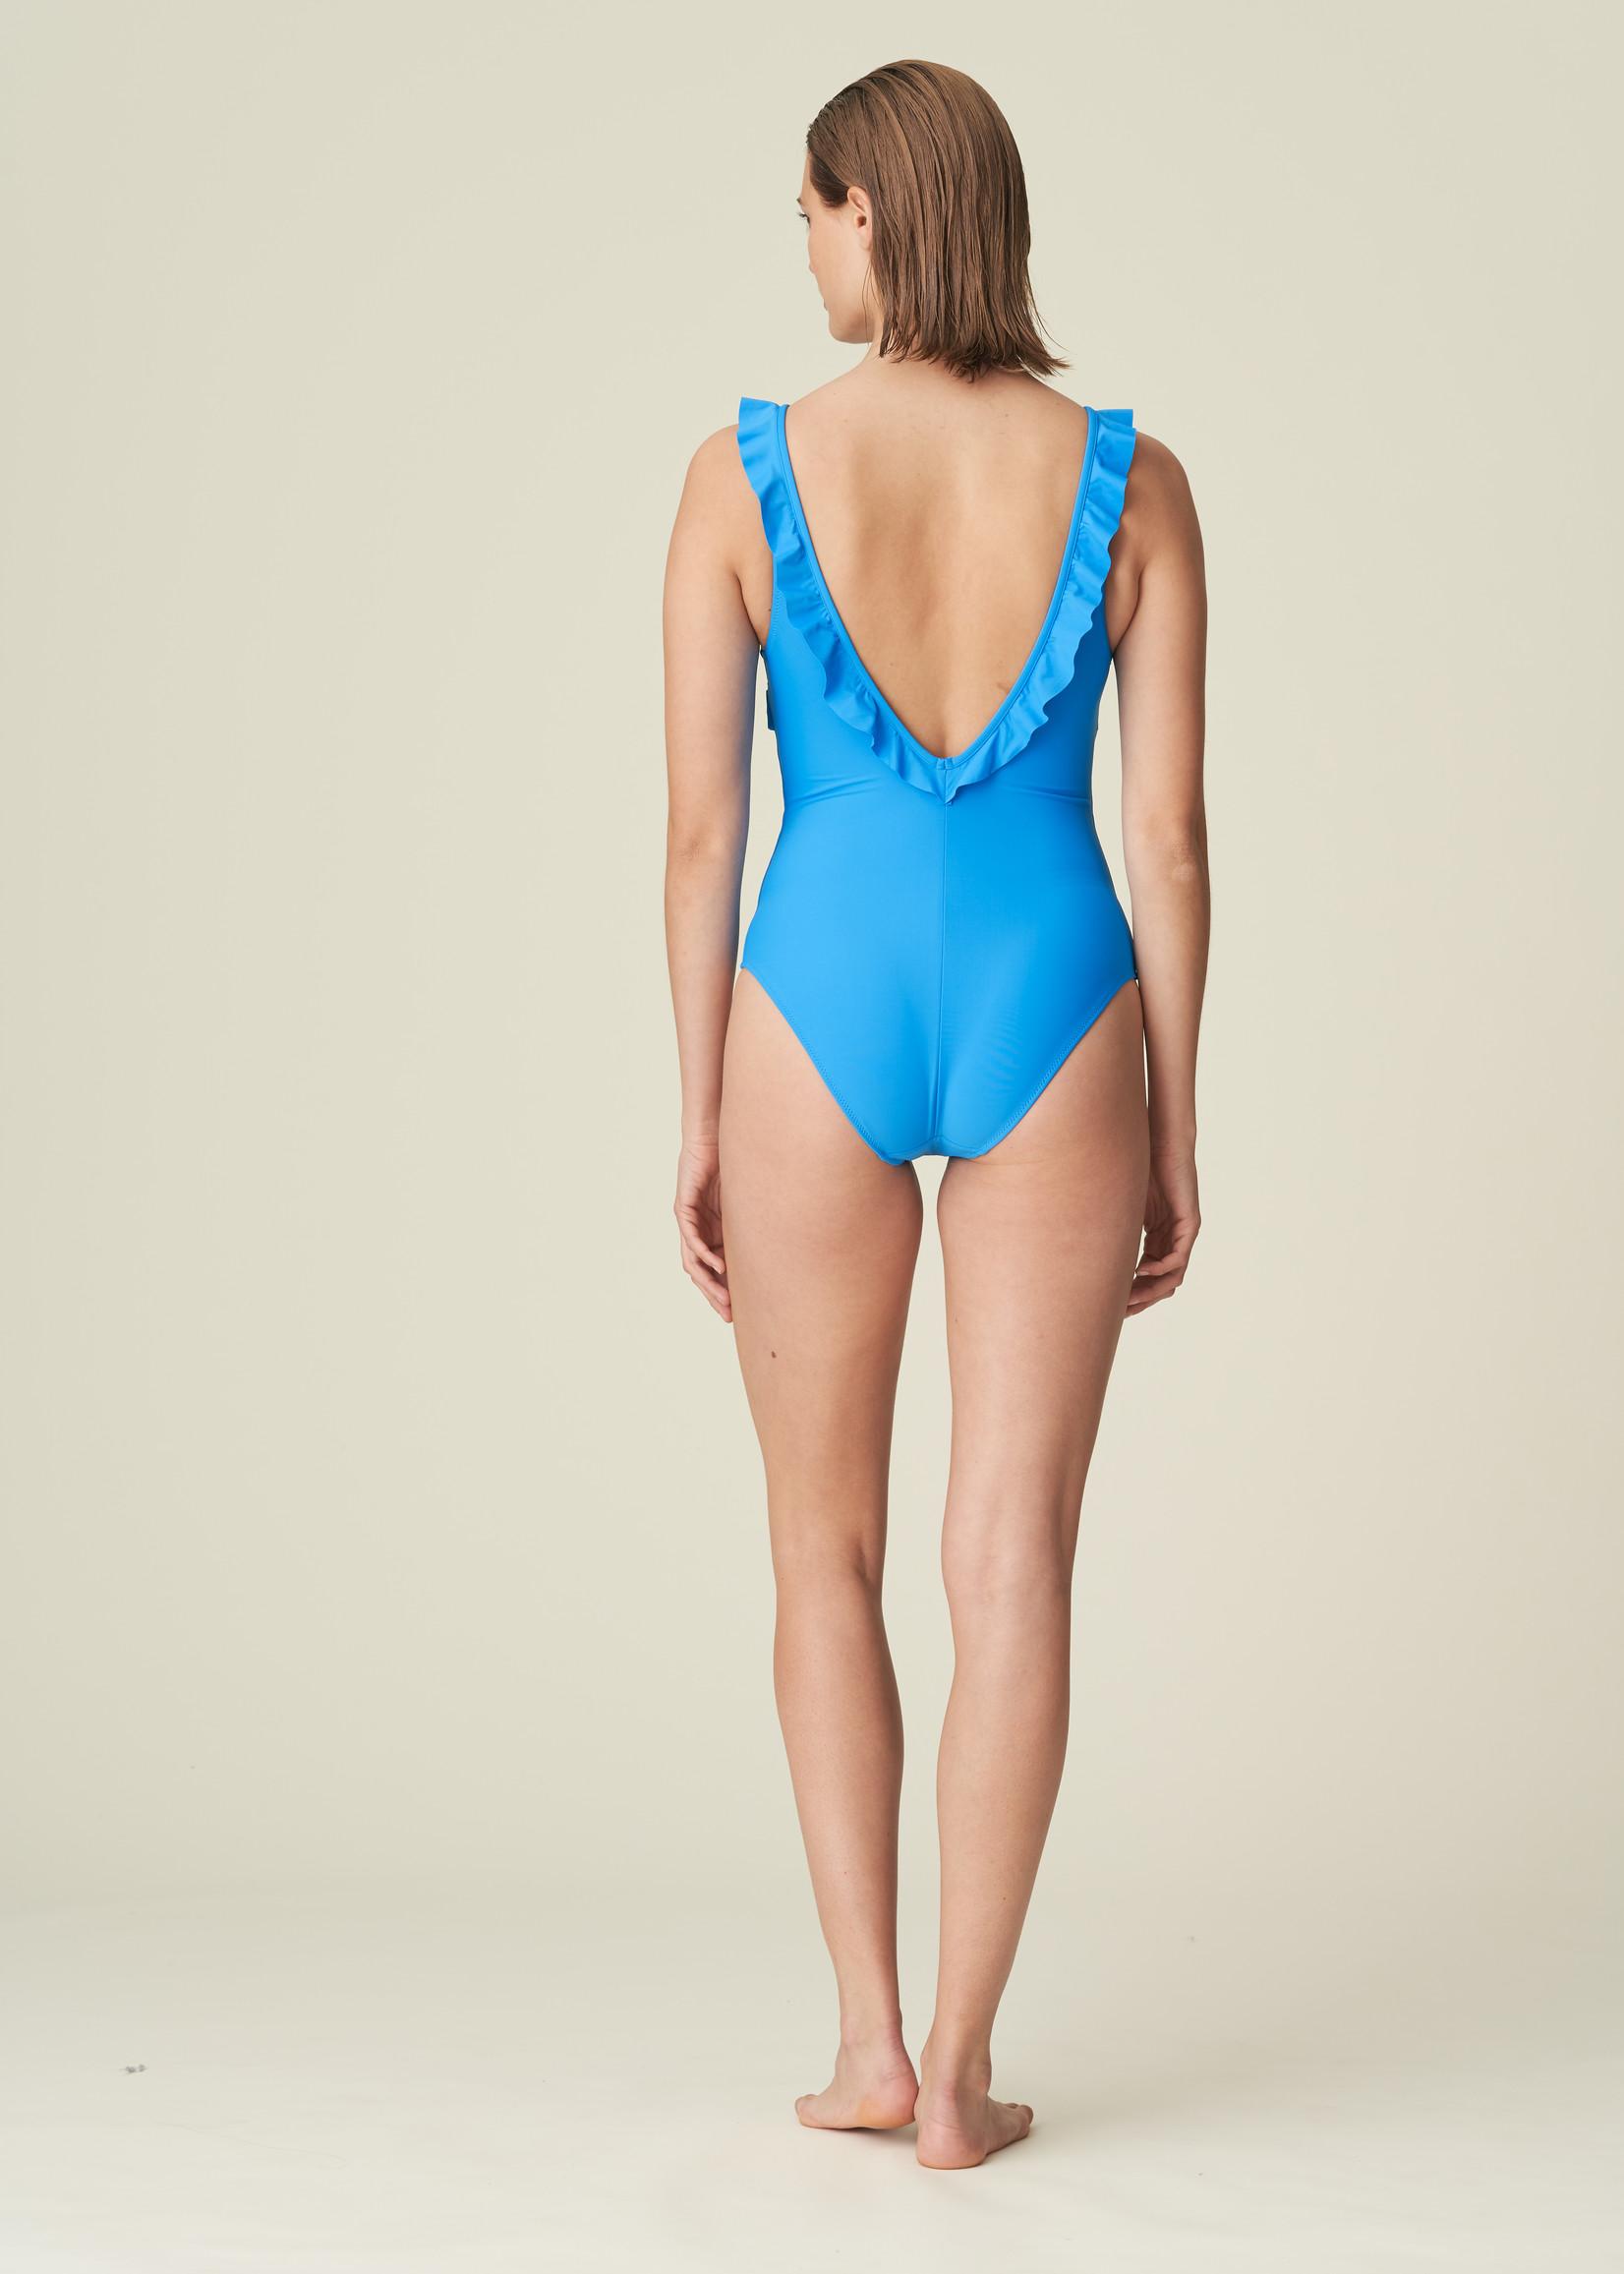 Marie Jo Aurelie Swimsuit